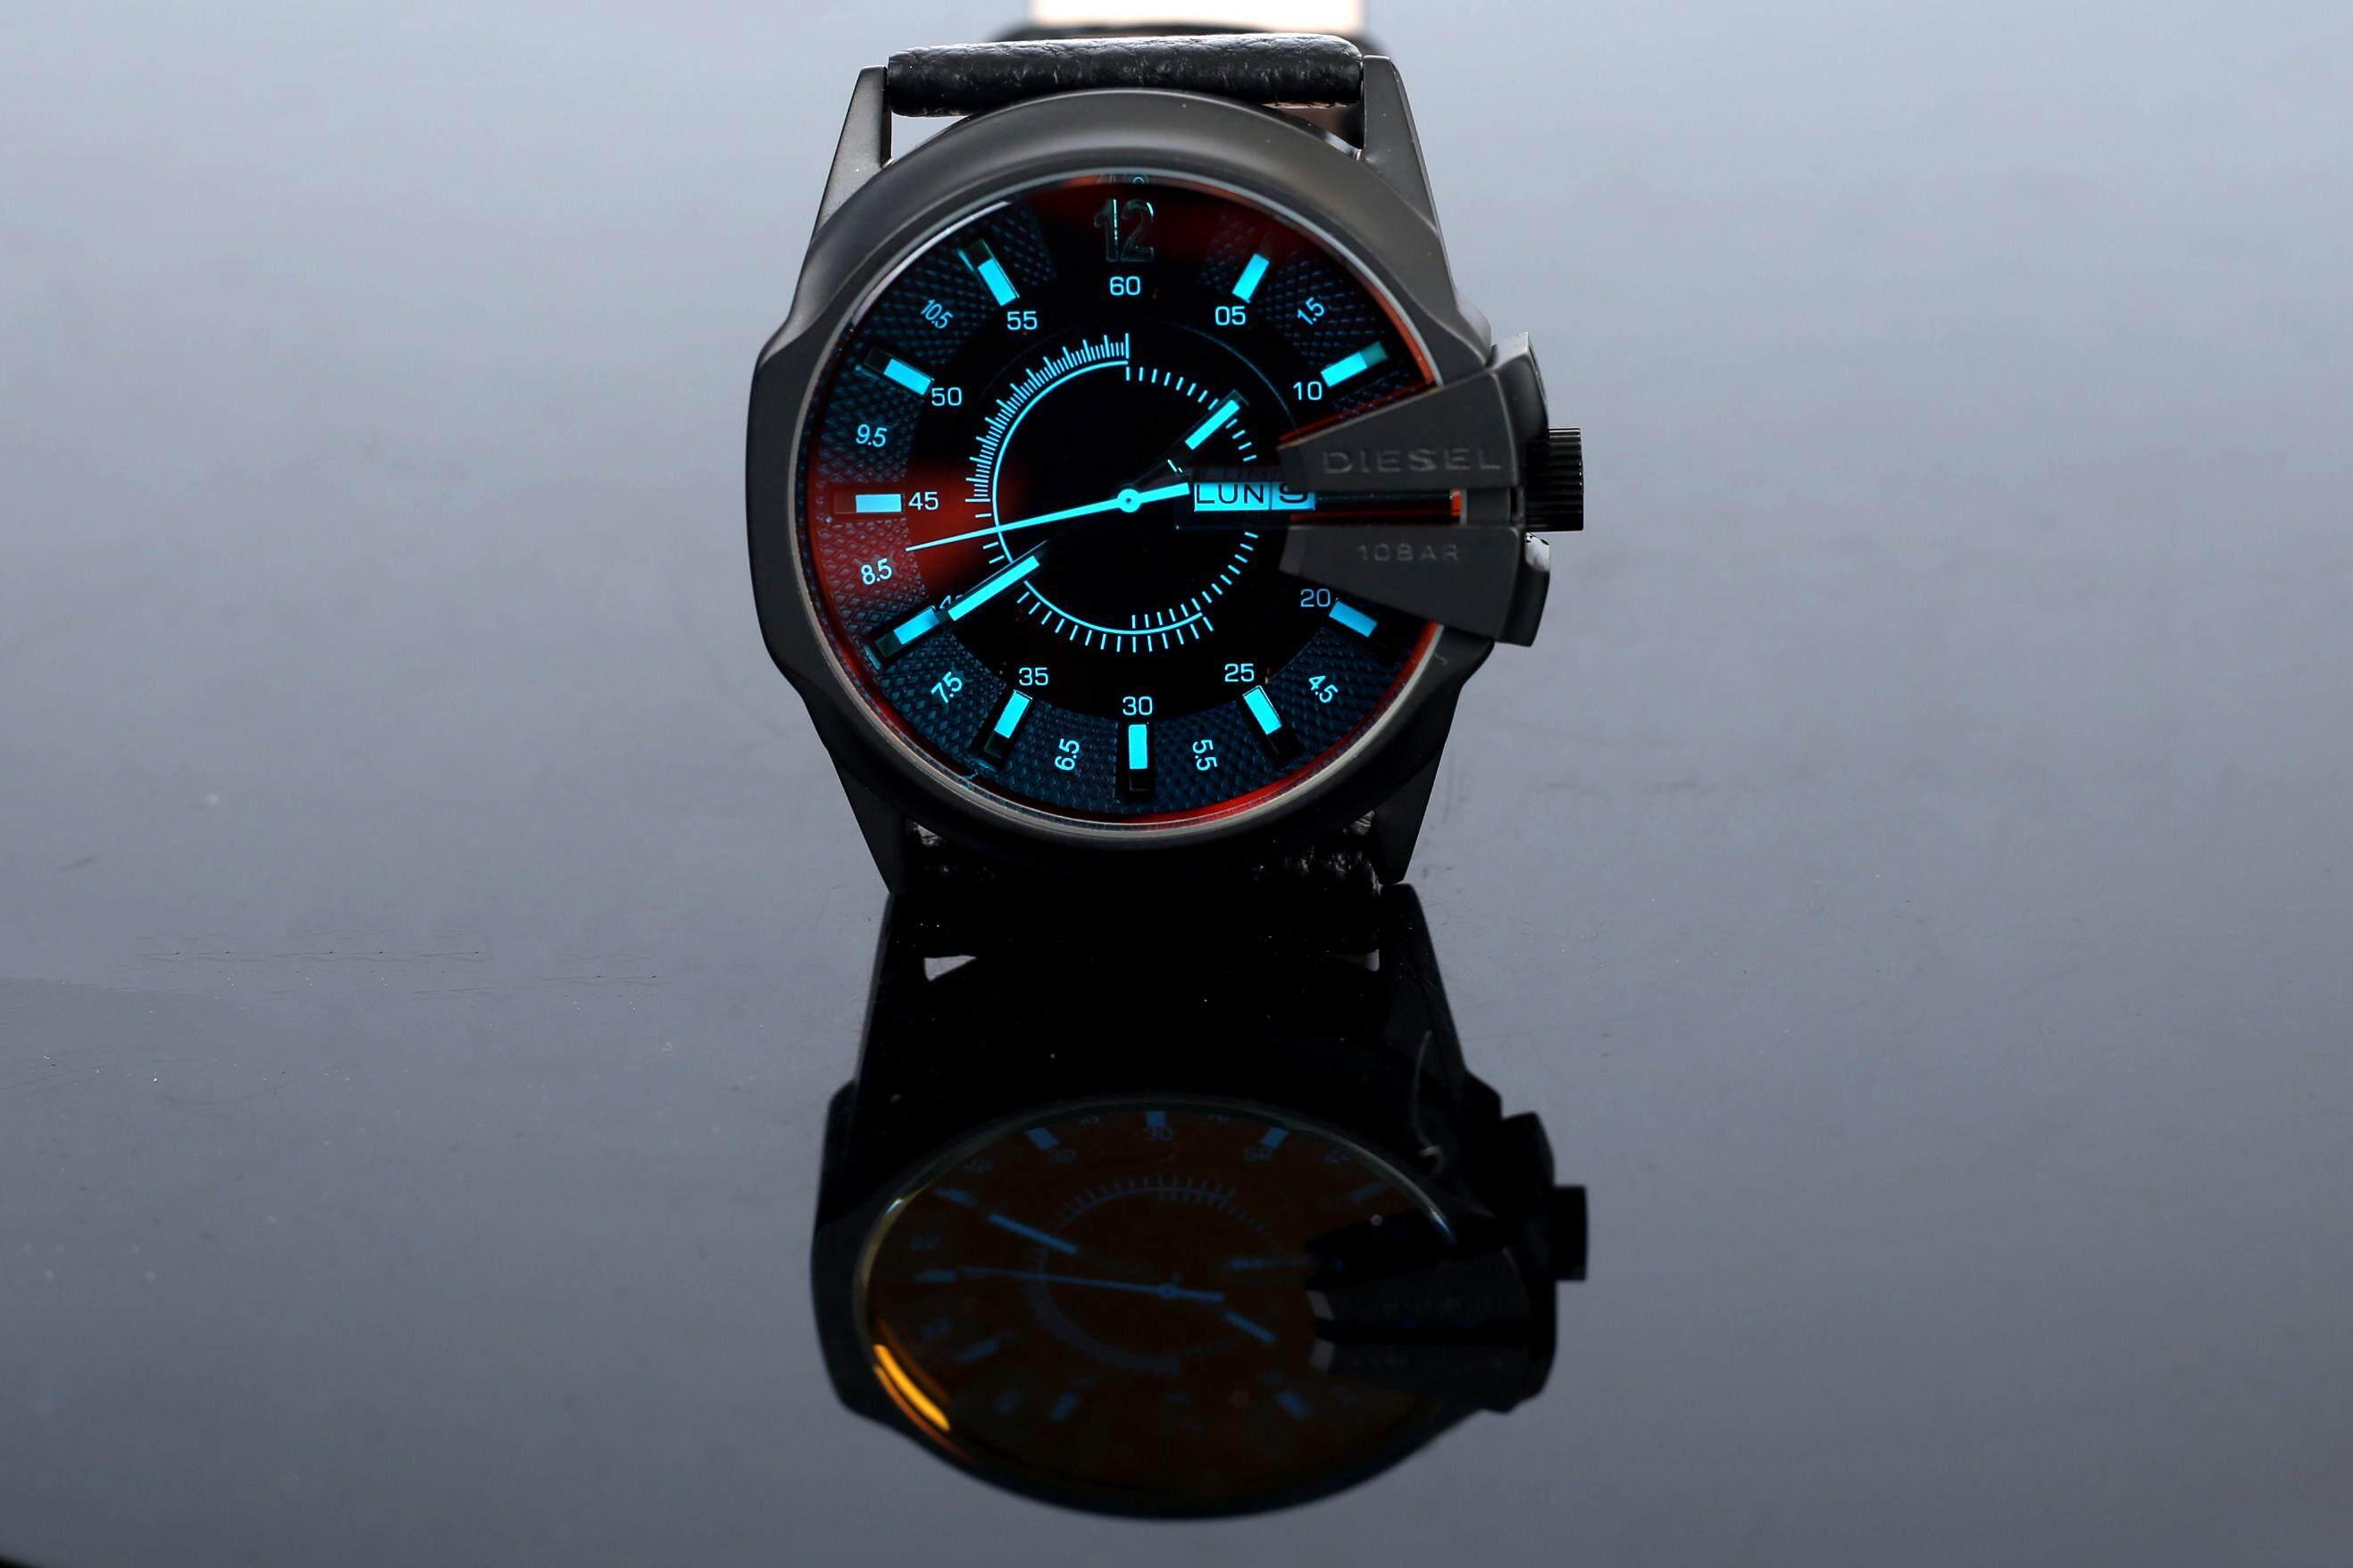 ยี่ห้อนี้ดีไหม  สมุทรปราการ สินค้าของแท้ 100% กันน้ำดีเซลนาฬิกาผู้ชายสไตล์ใหม่! รุ่นสำหรับทหาร. สาม - Eye นาฬิกาจับเวลา Mineral Toughened แก้วกระจกญี่ปุ่นควอตซ์ Core. สายเรซิน